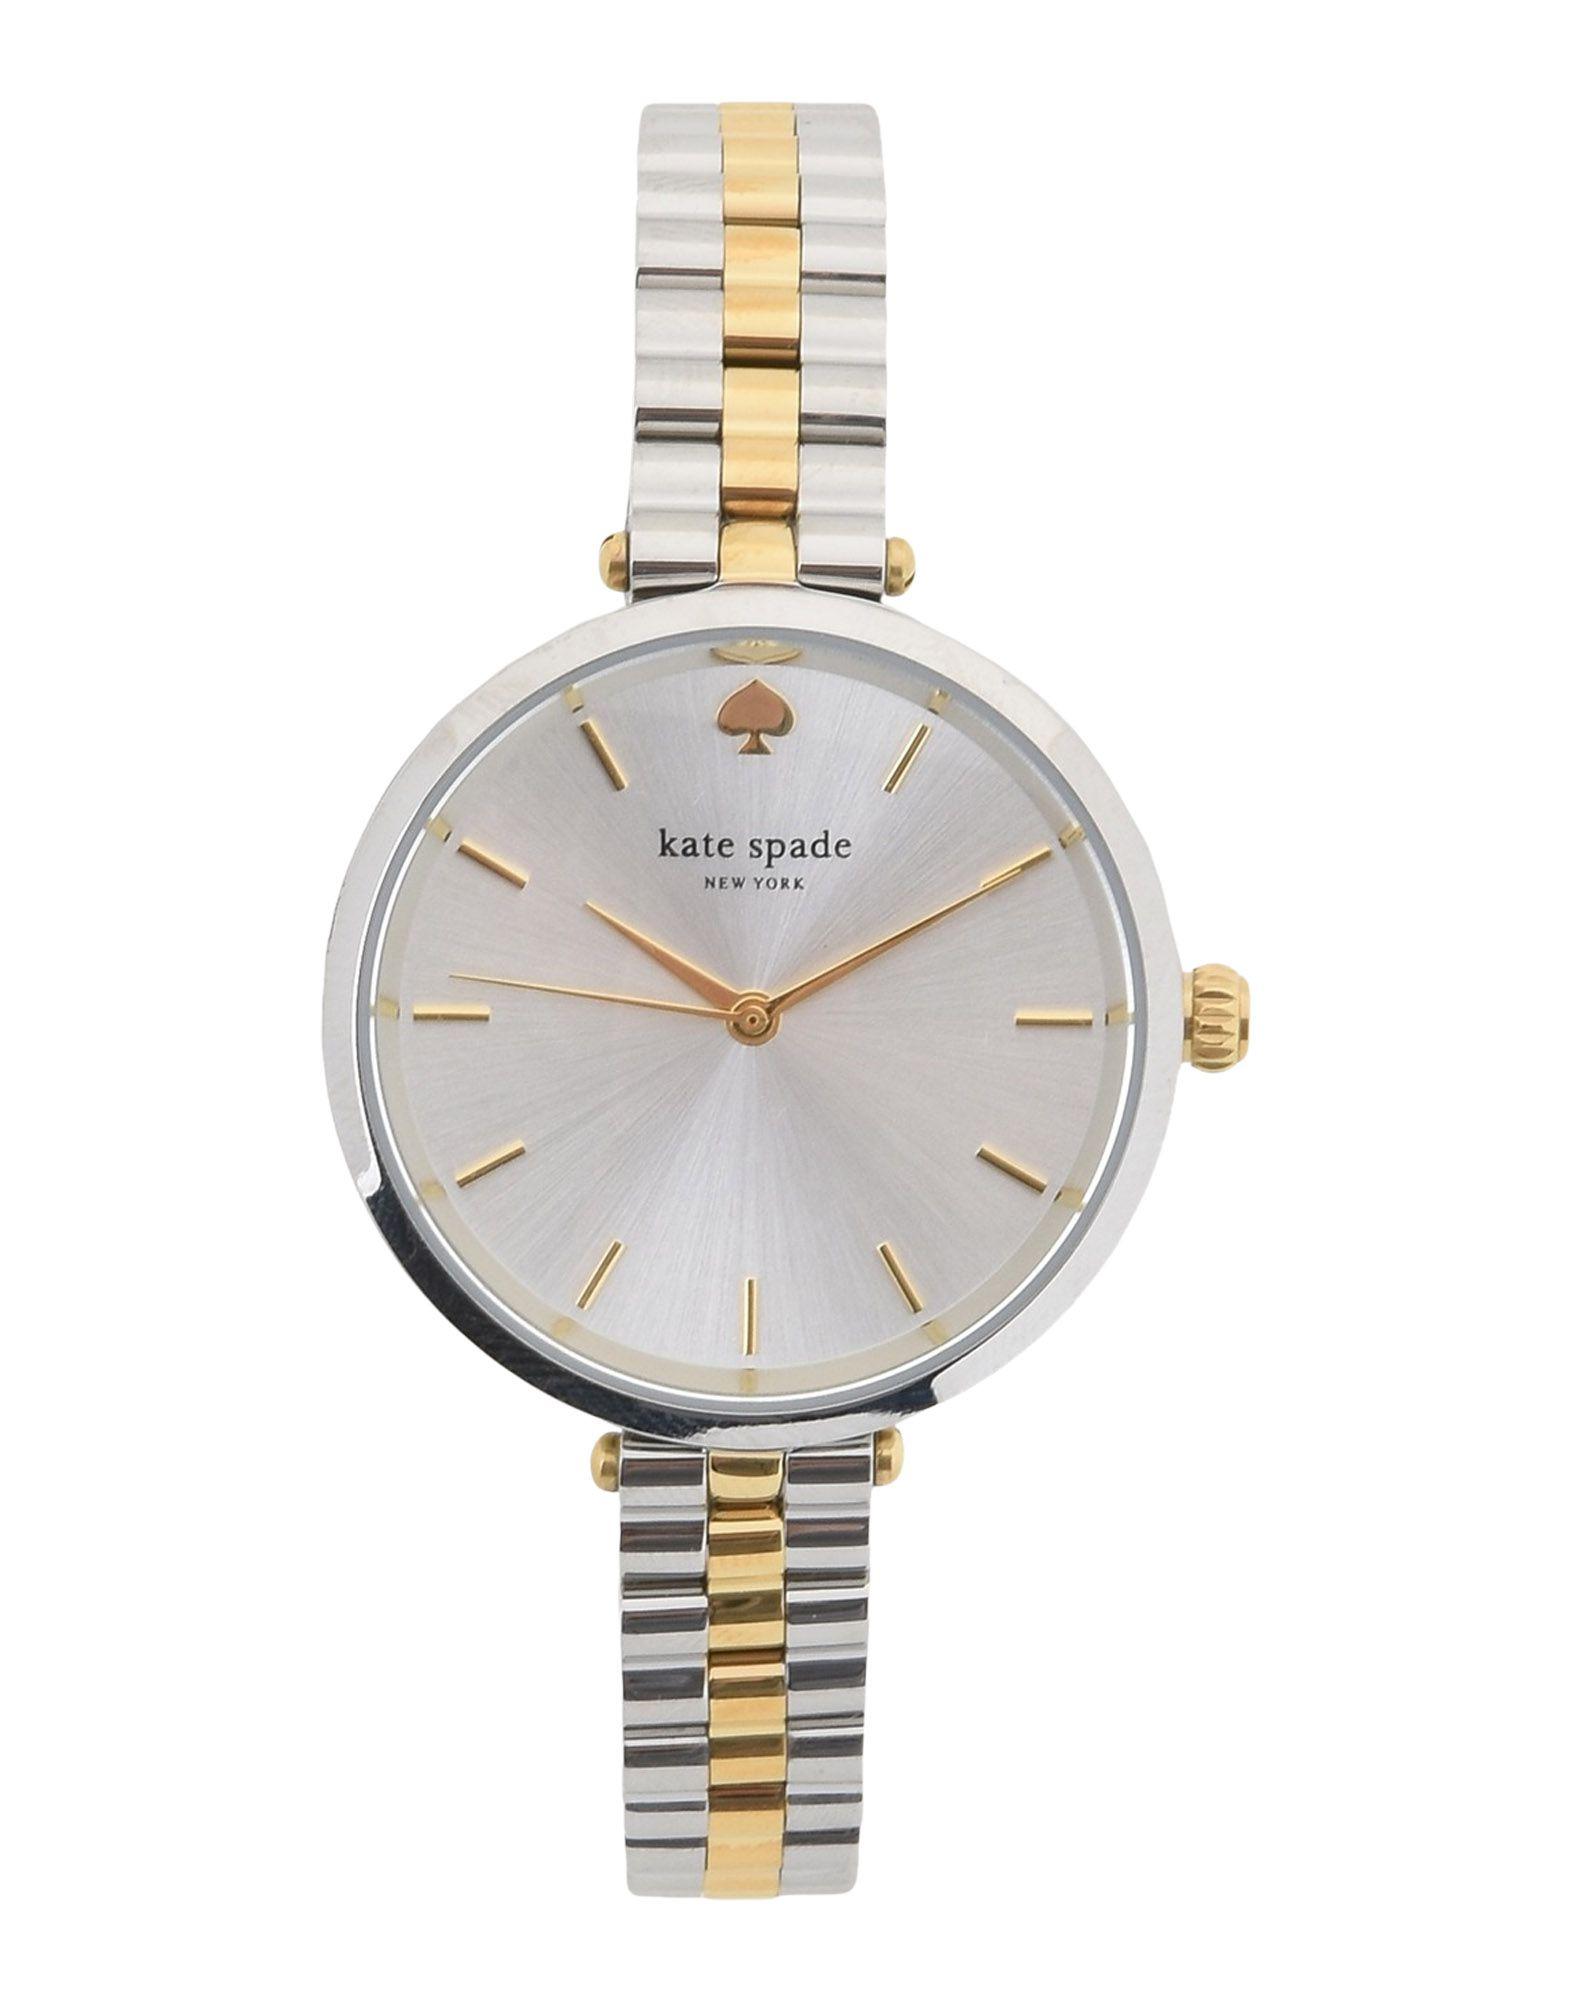 KATE SPADE New York Наручные часы женское платье kate spade new york nms14 t7v4t n1329s